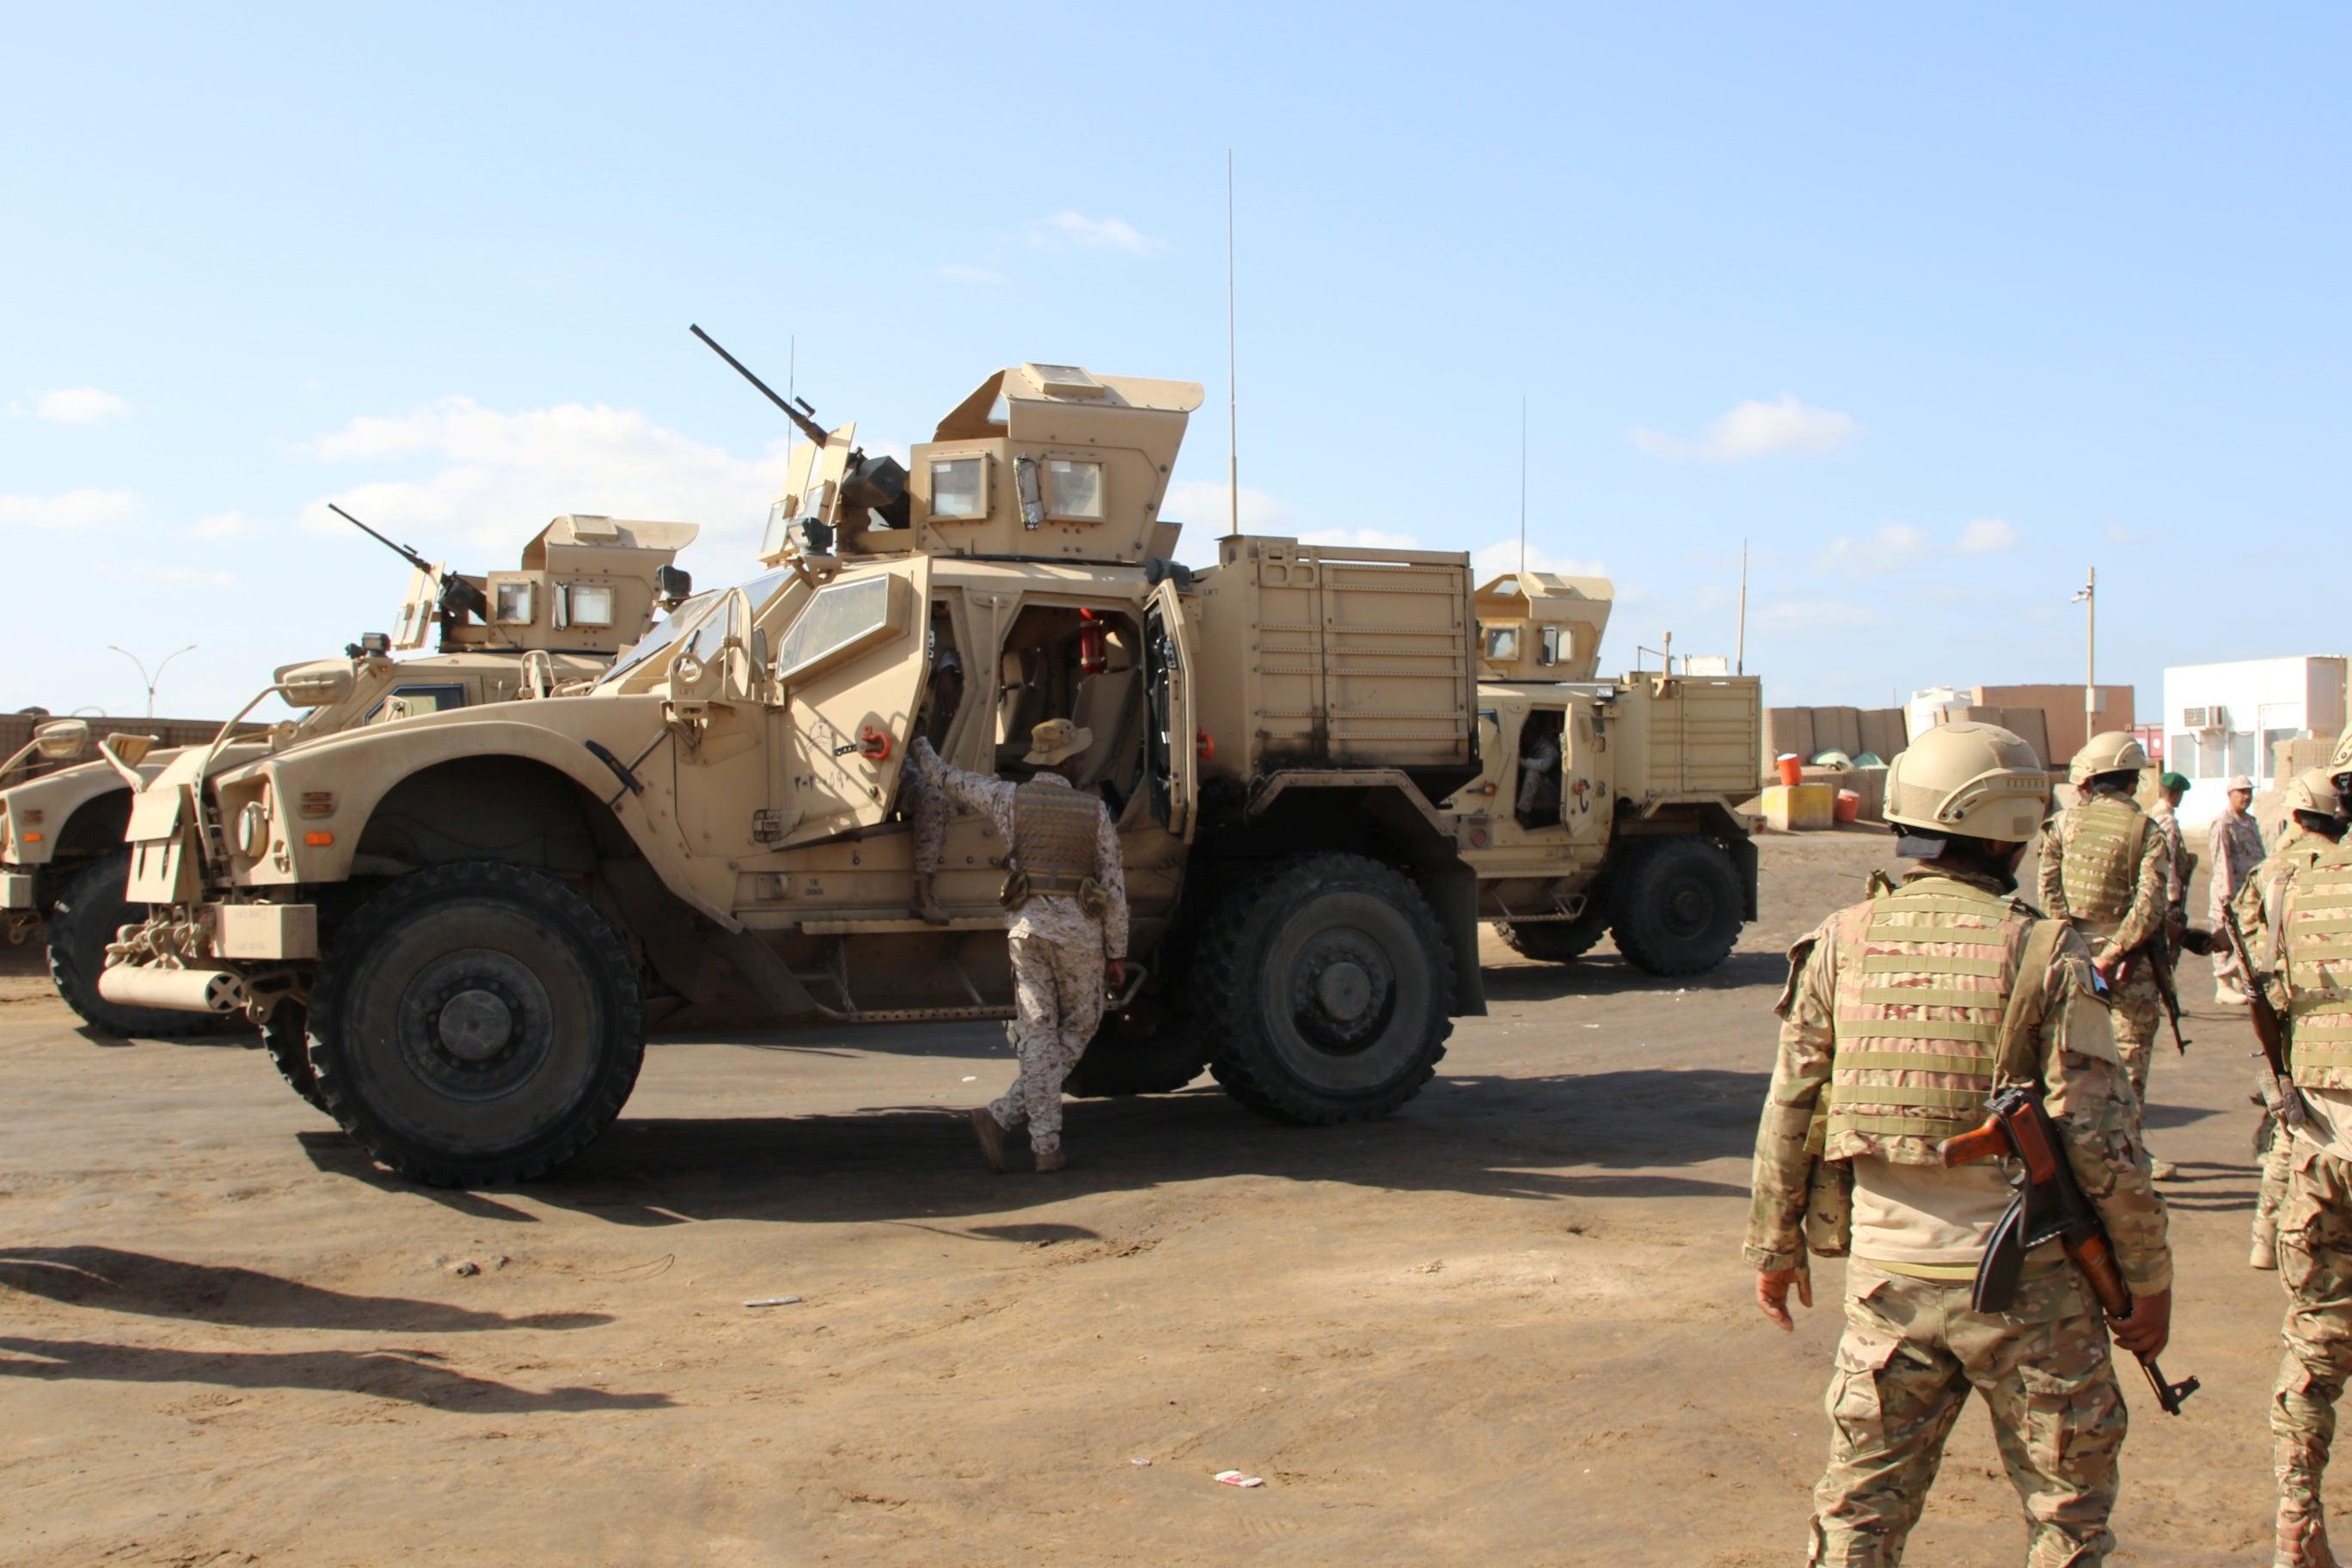 伊朗西北边界爆炸激战,成功挫败叛军入侵,缴获大批美制武器